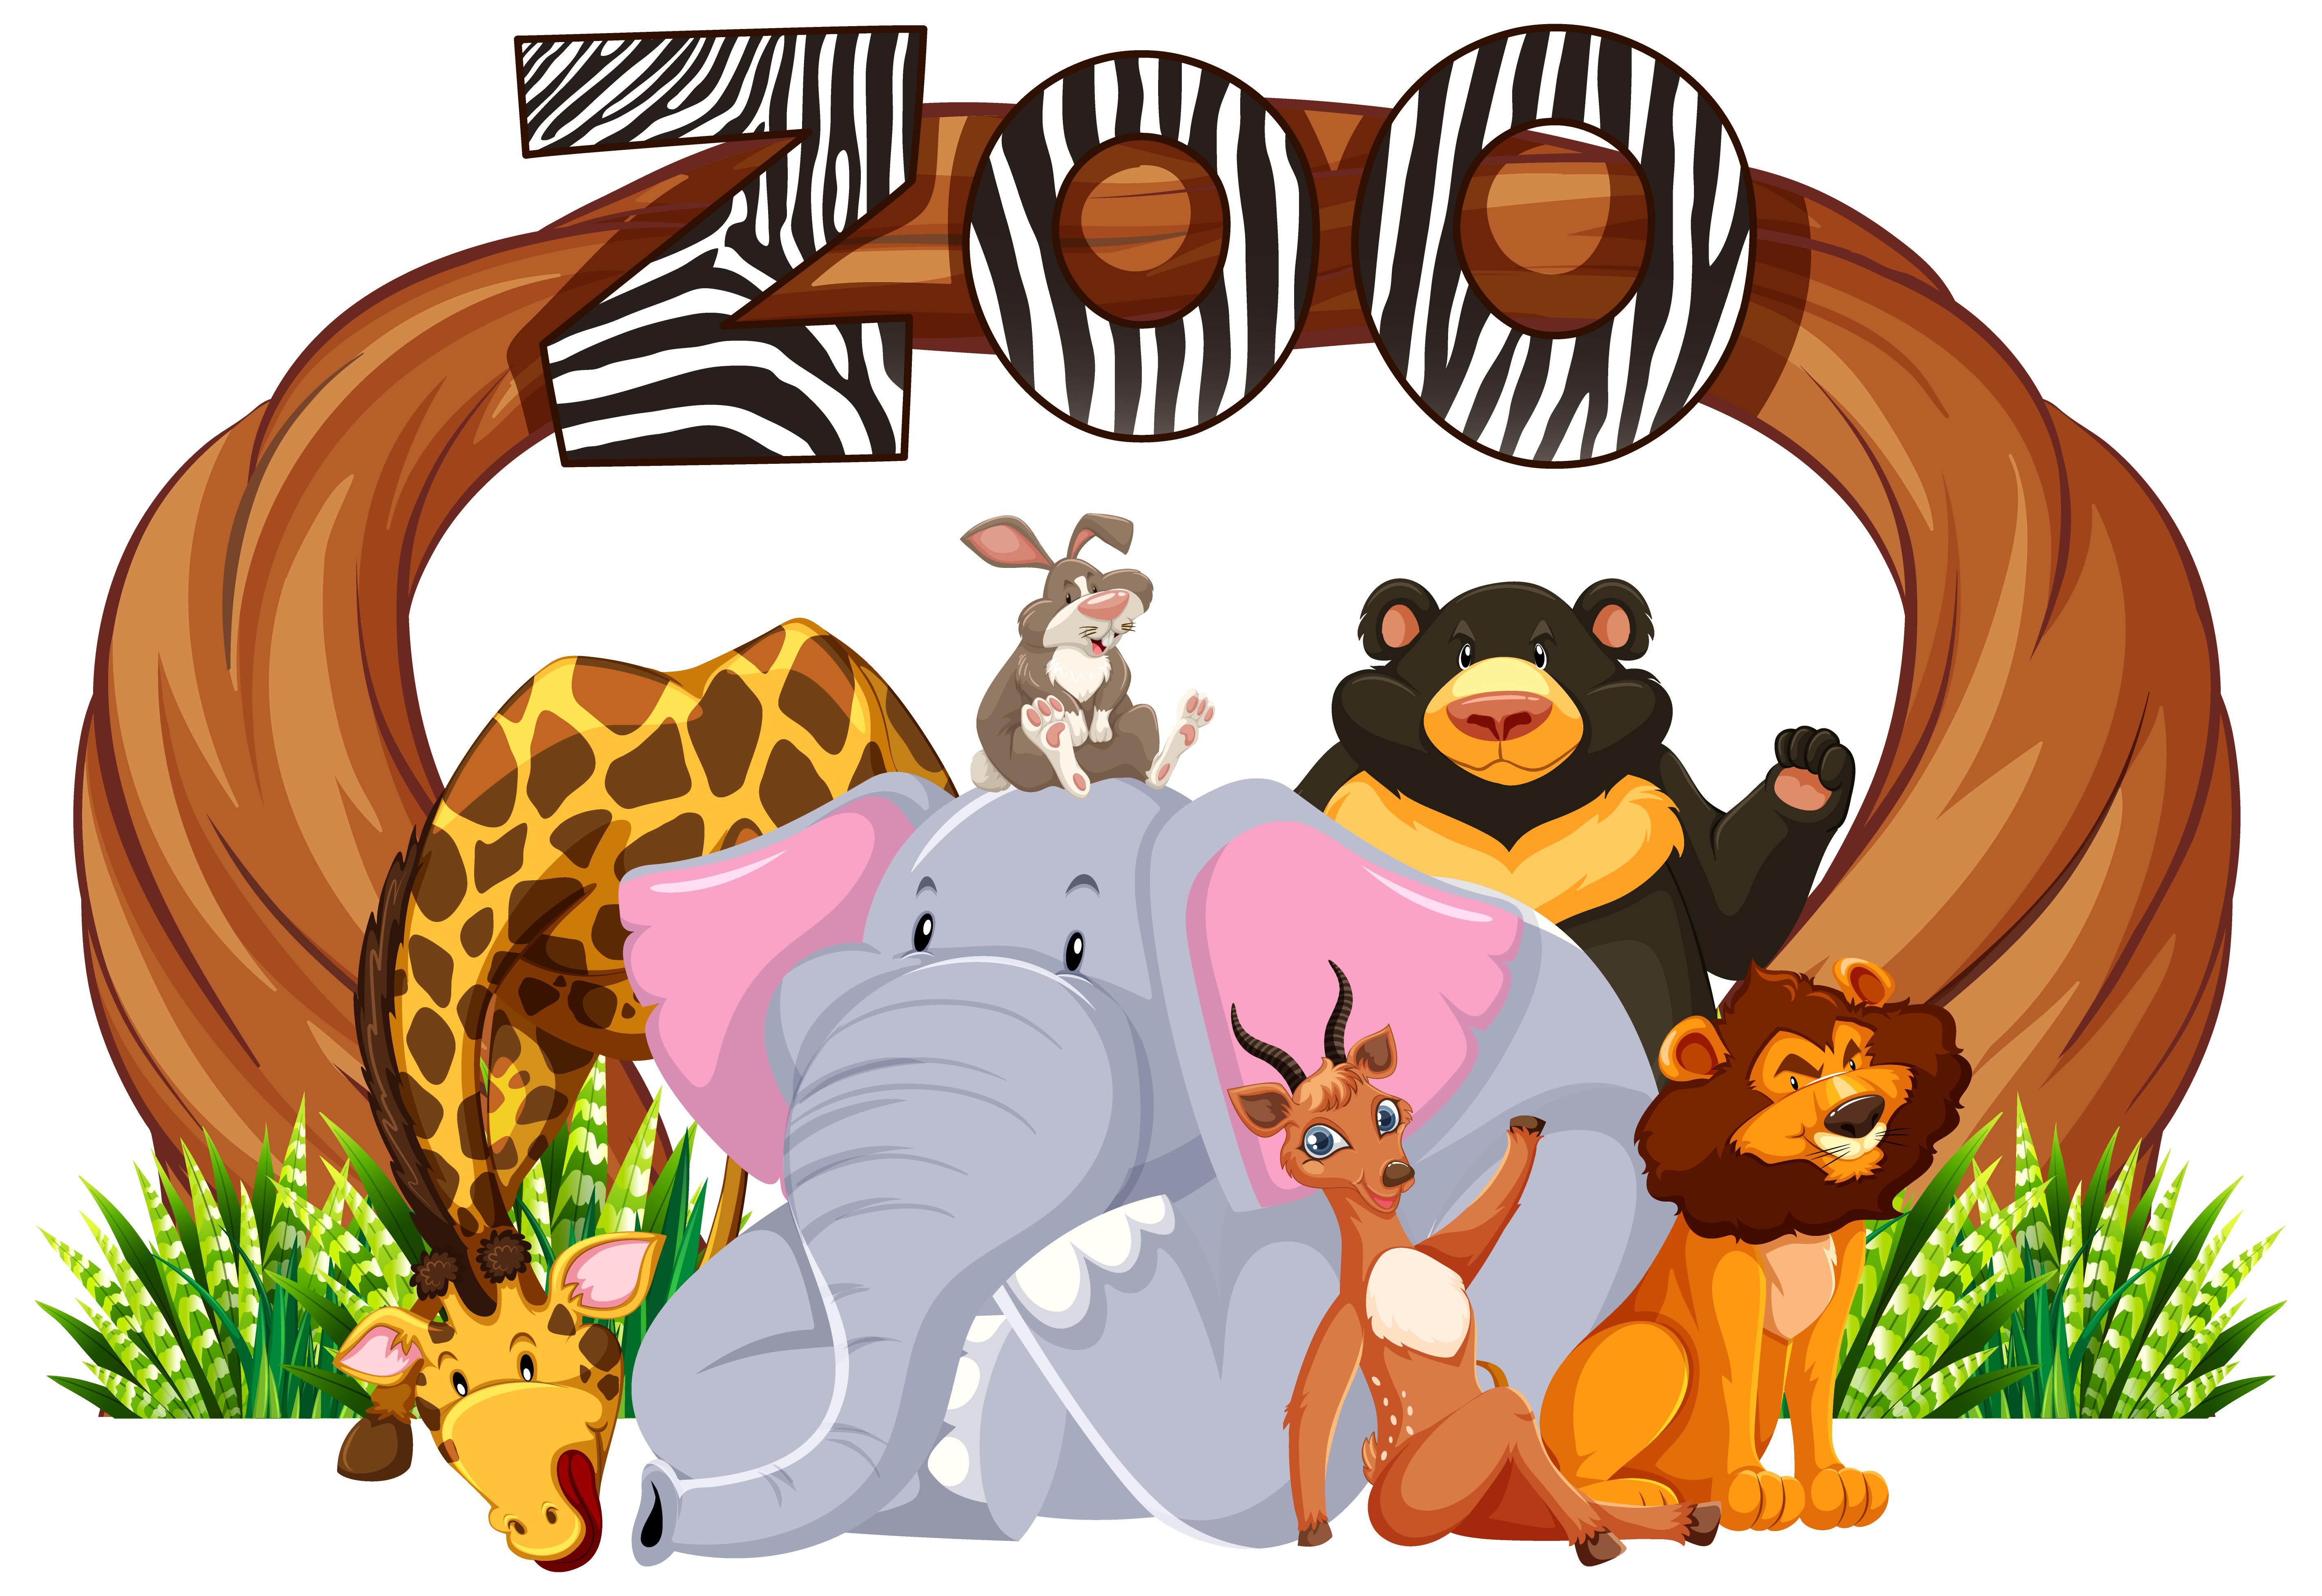 Panneau D Entree Du Zoo Avec Des Animaux De Dessin Anime Telecharger Vectoriel Gratuit Clipart Graphique Vecteur Dessins Et Pictogramme Gratuit